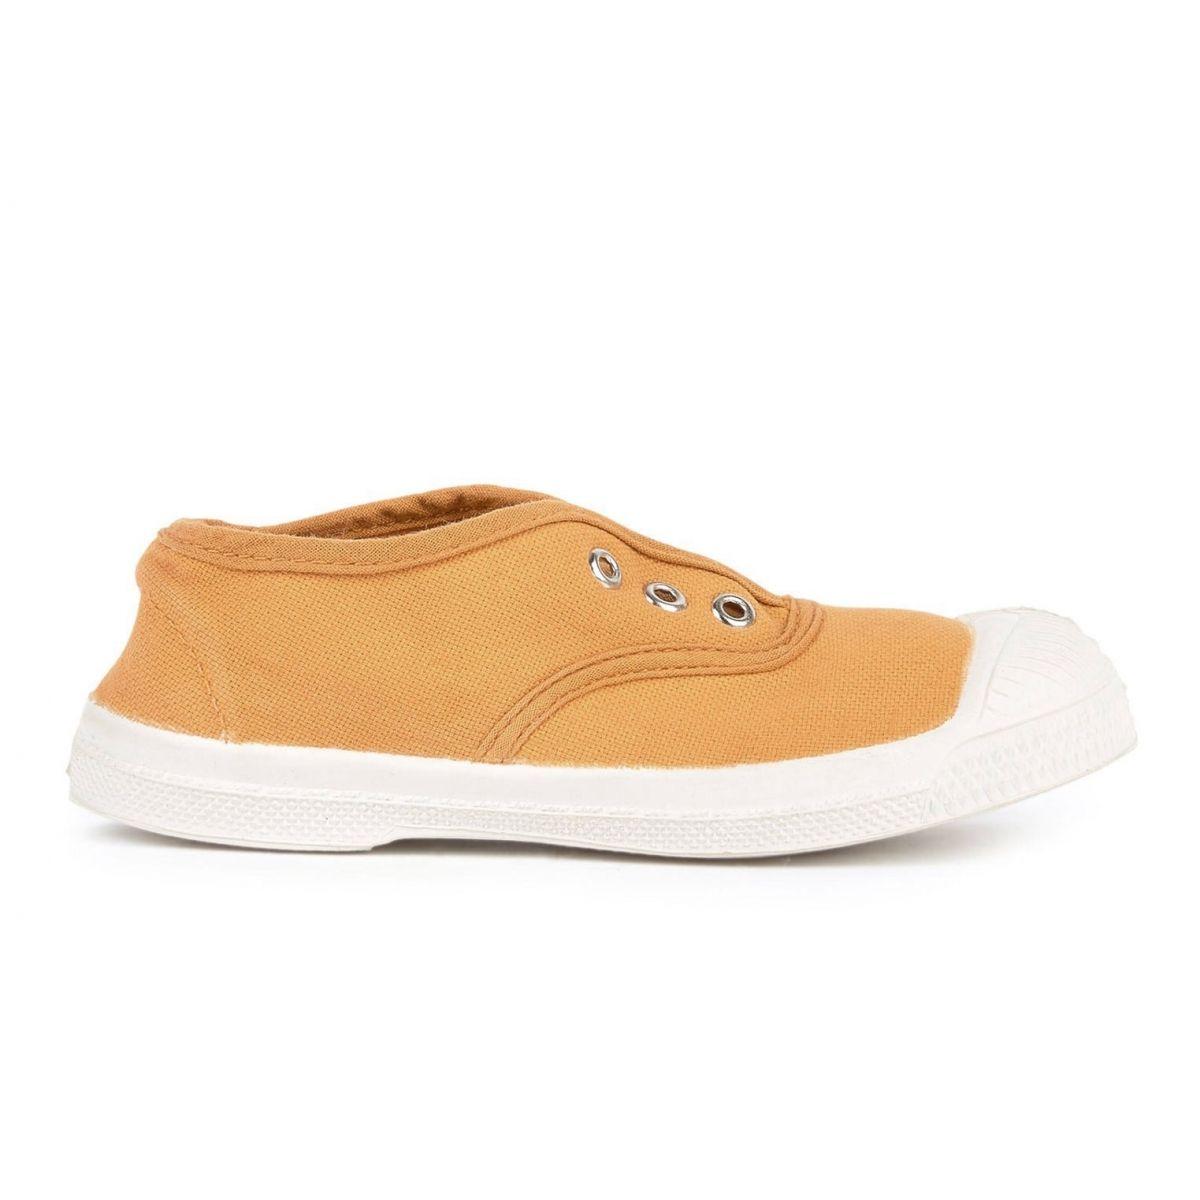 Trampki Kid Elly Sneakers żółte - Bensimon